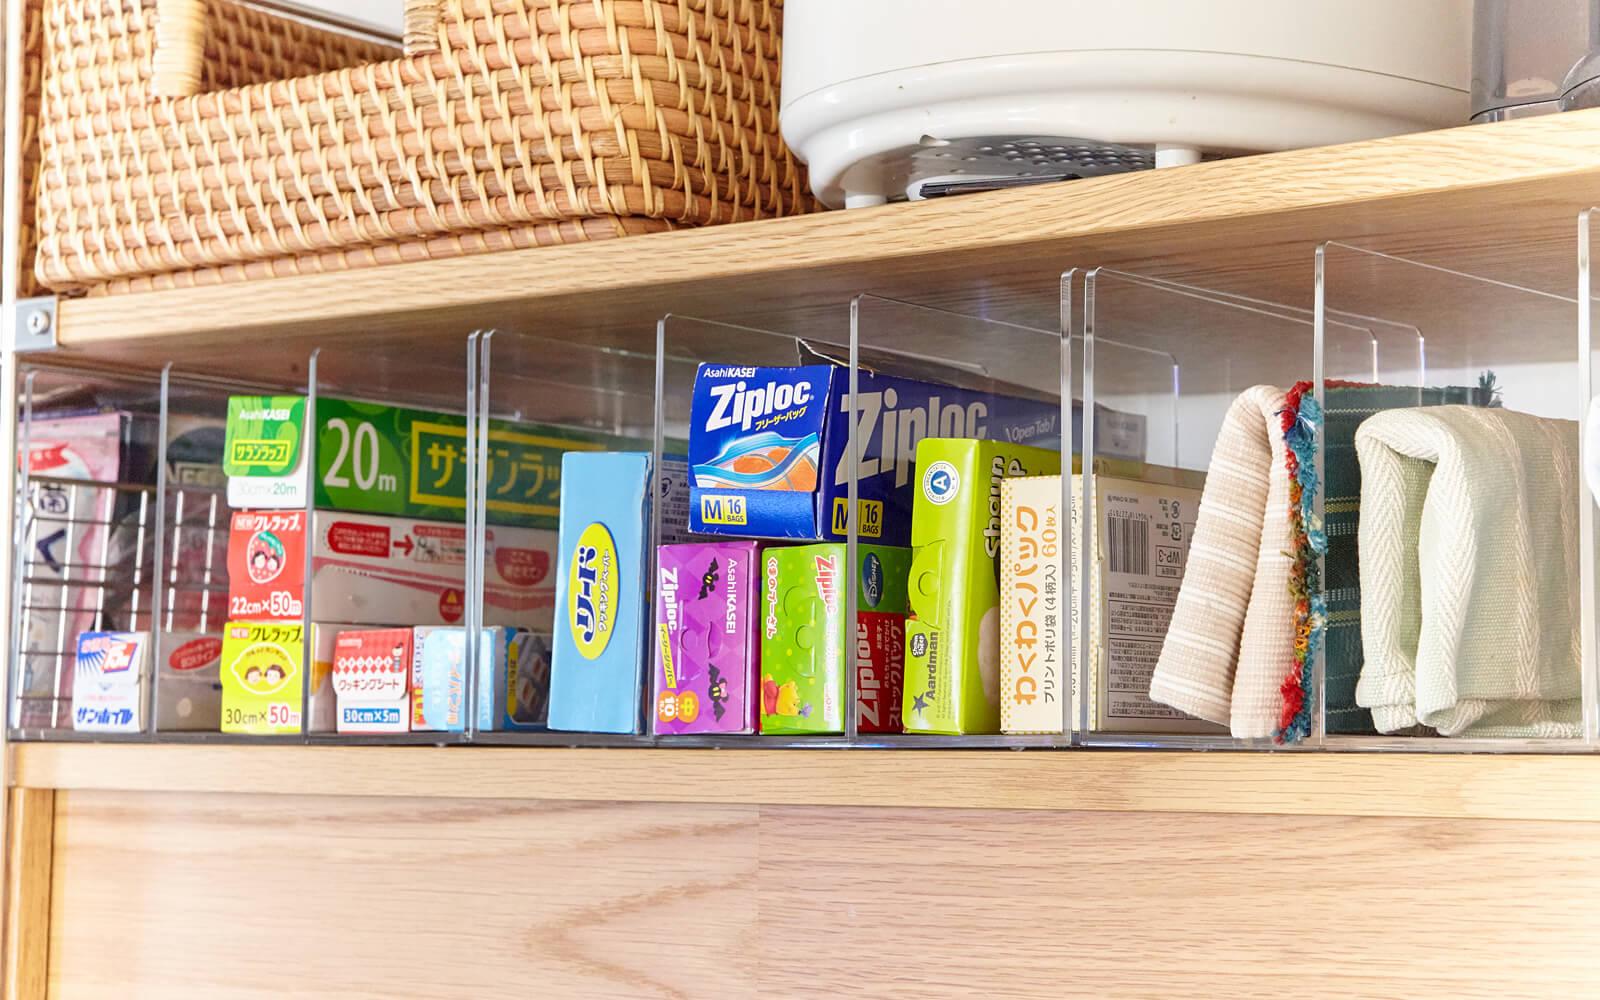 ラップやふきんなど、キッチンまわりの小物収納に、棚のすき間を活用。アクリル仕切りスタンドを使った、探しやすく取り出しやすい収納スペースです。